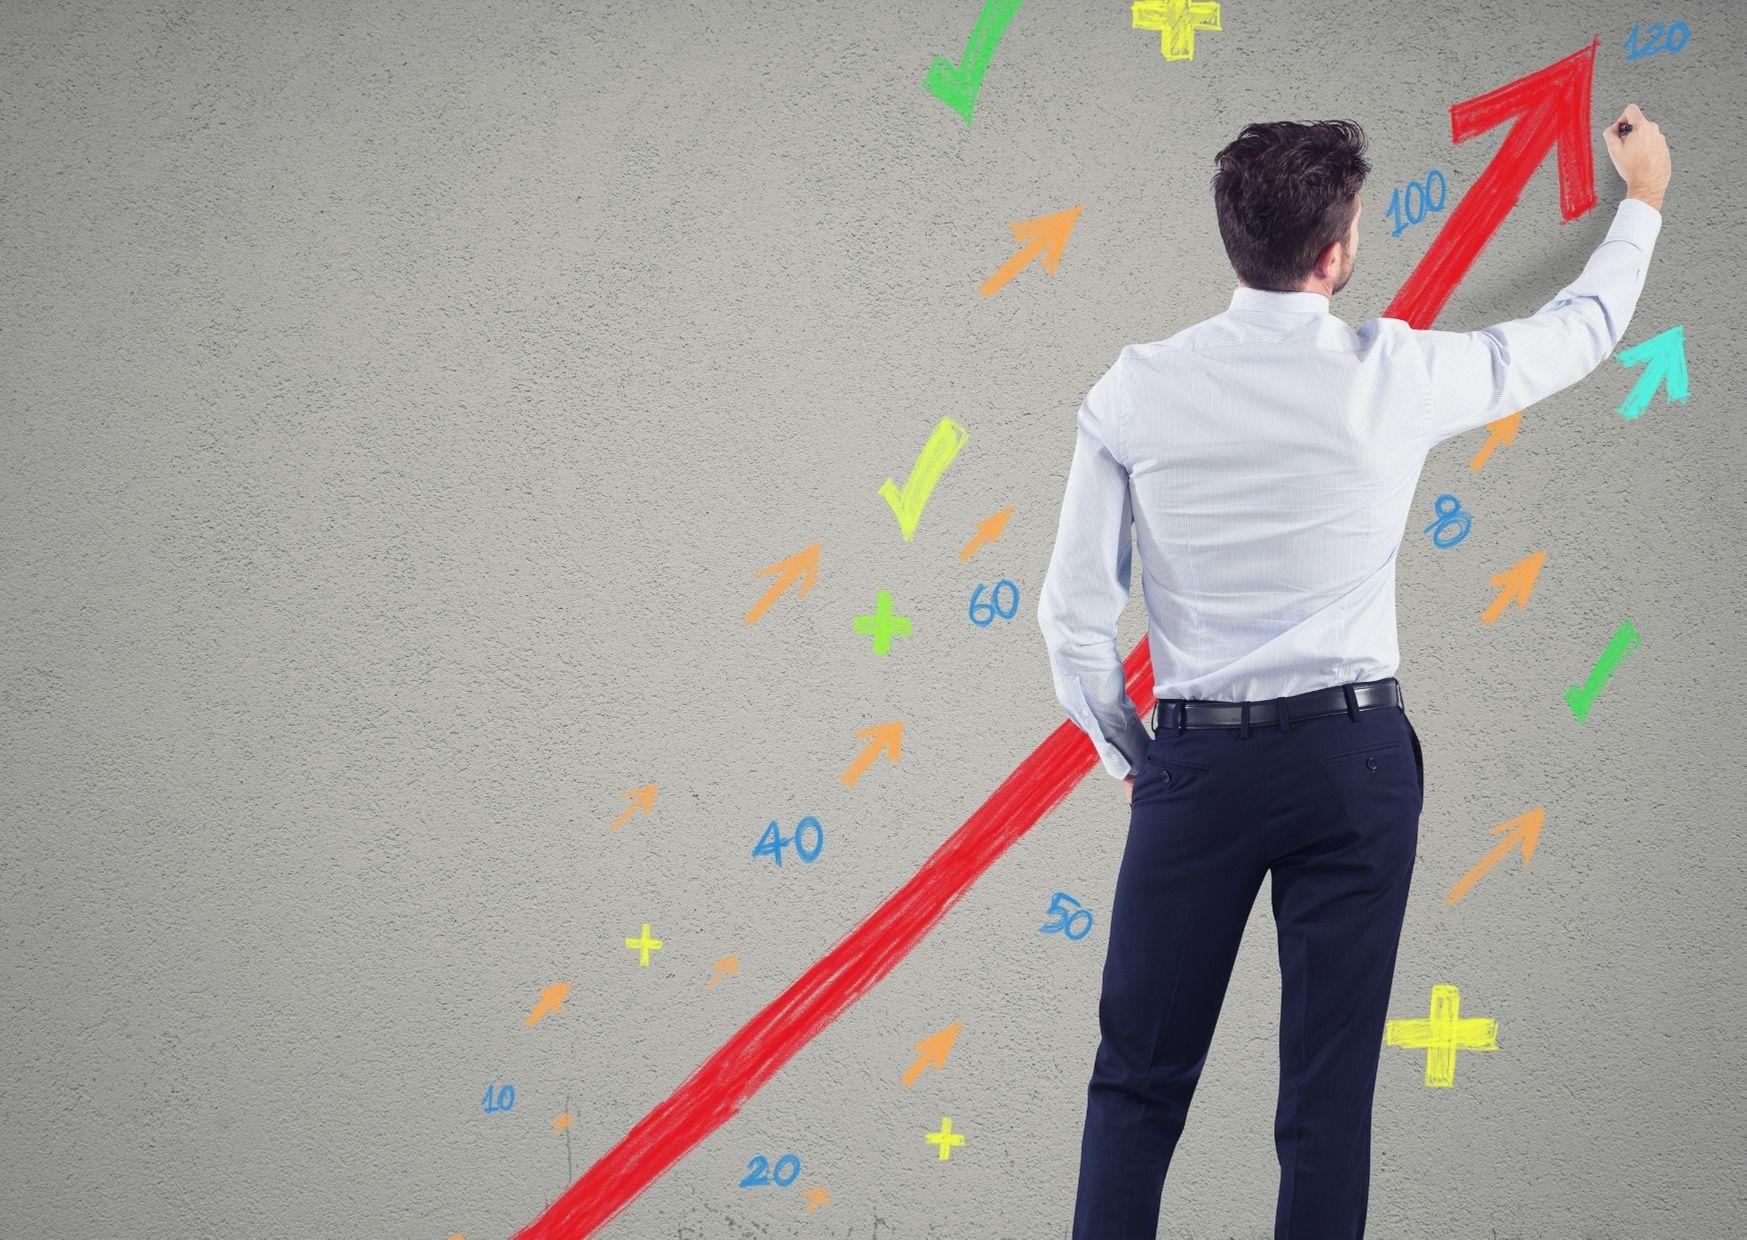 Créer son entreprise : les 7 erreurs à éviter